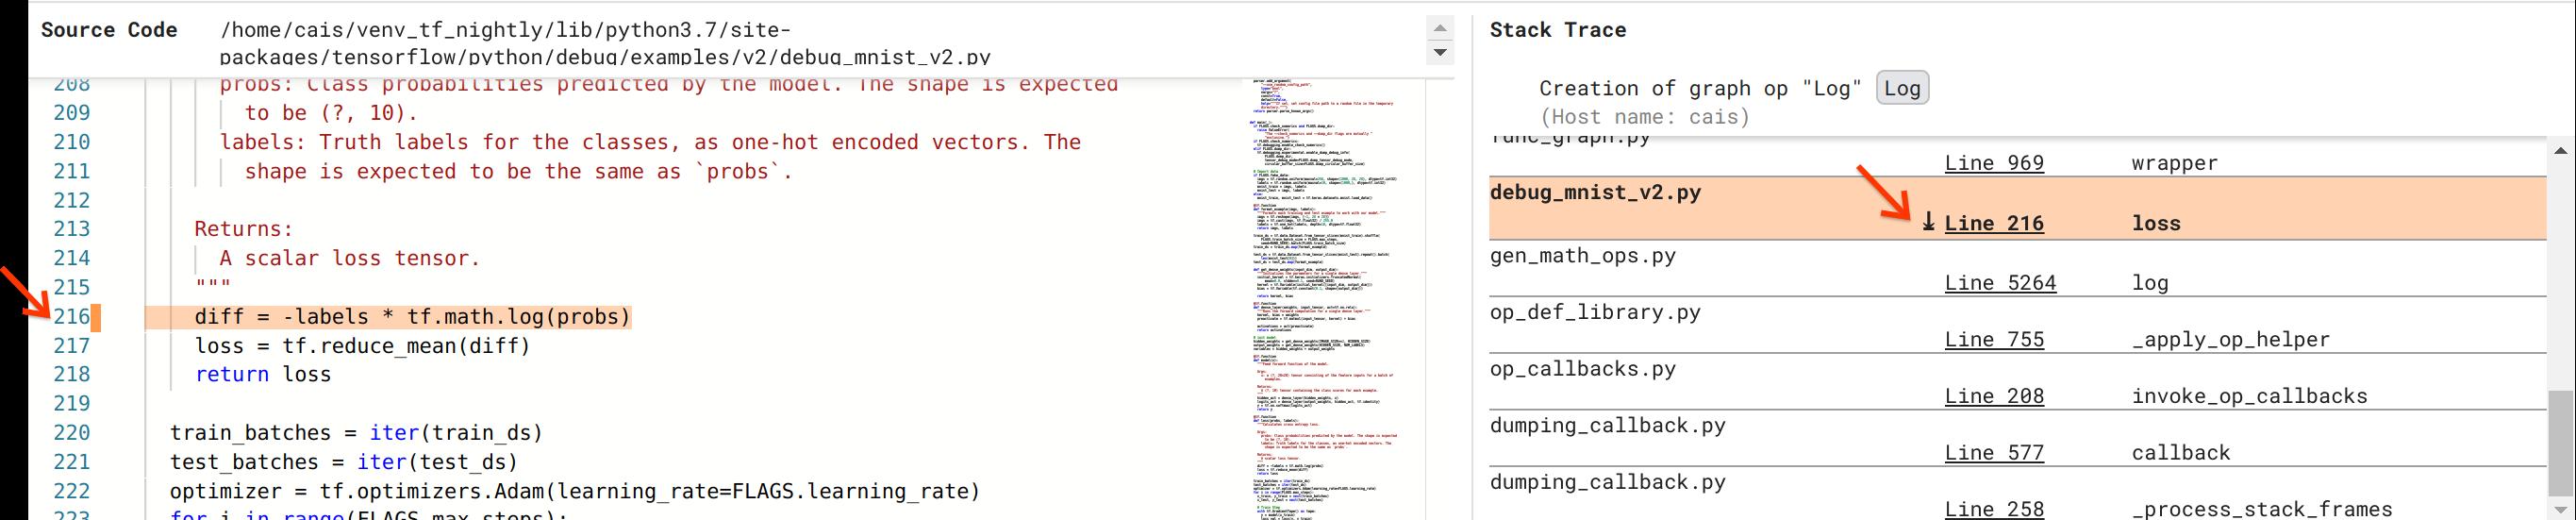 Depurador V2: código-fonte e rastreamento de pilha